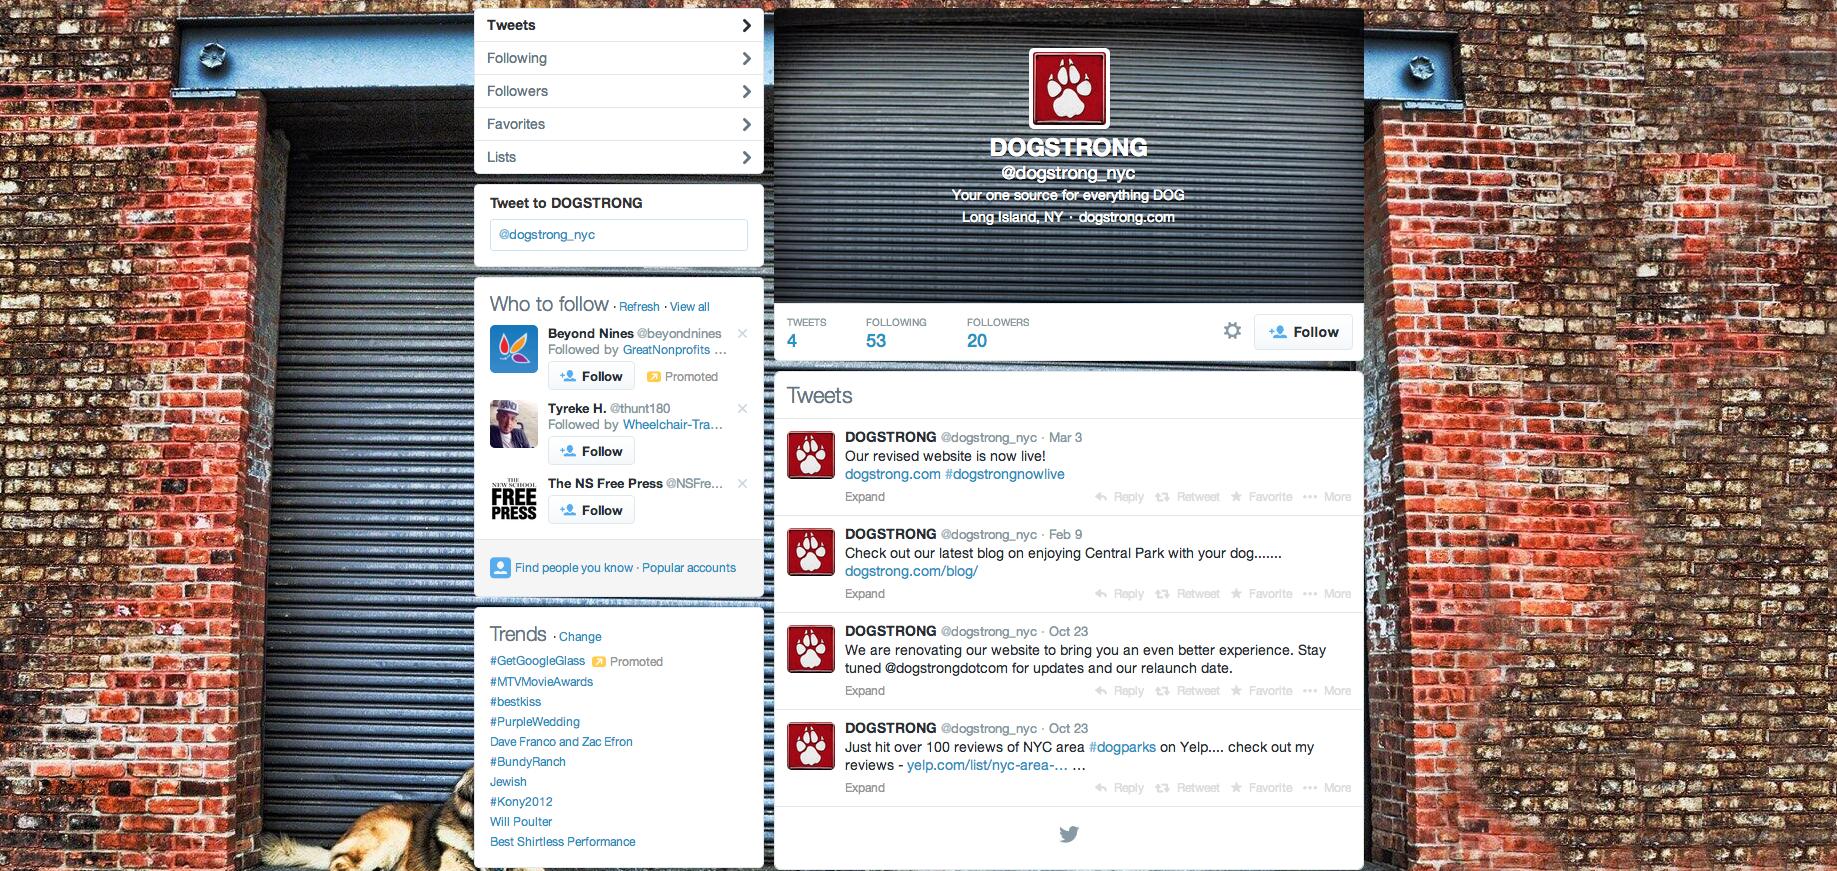 Screen Shot 2014-04-13 at 10.28.21 PM.png